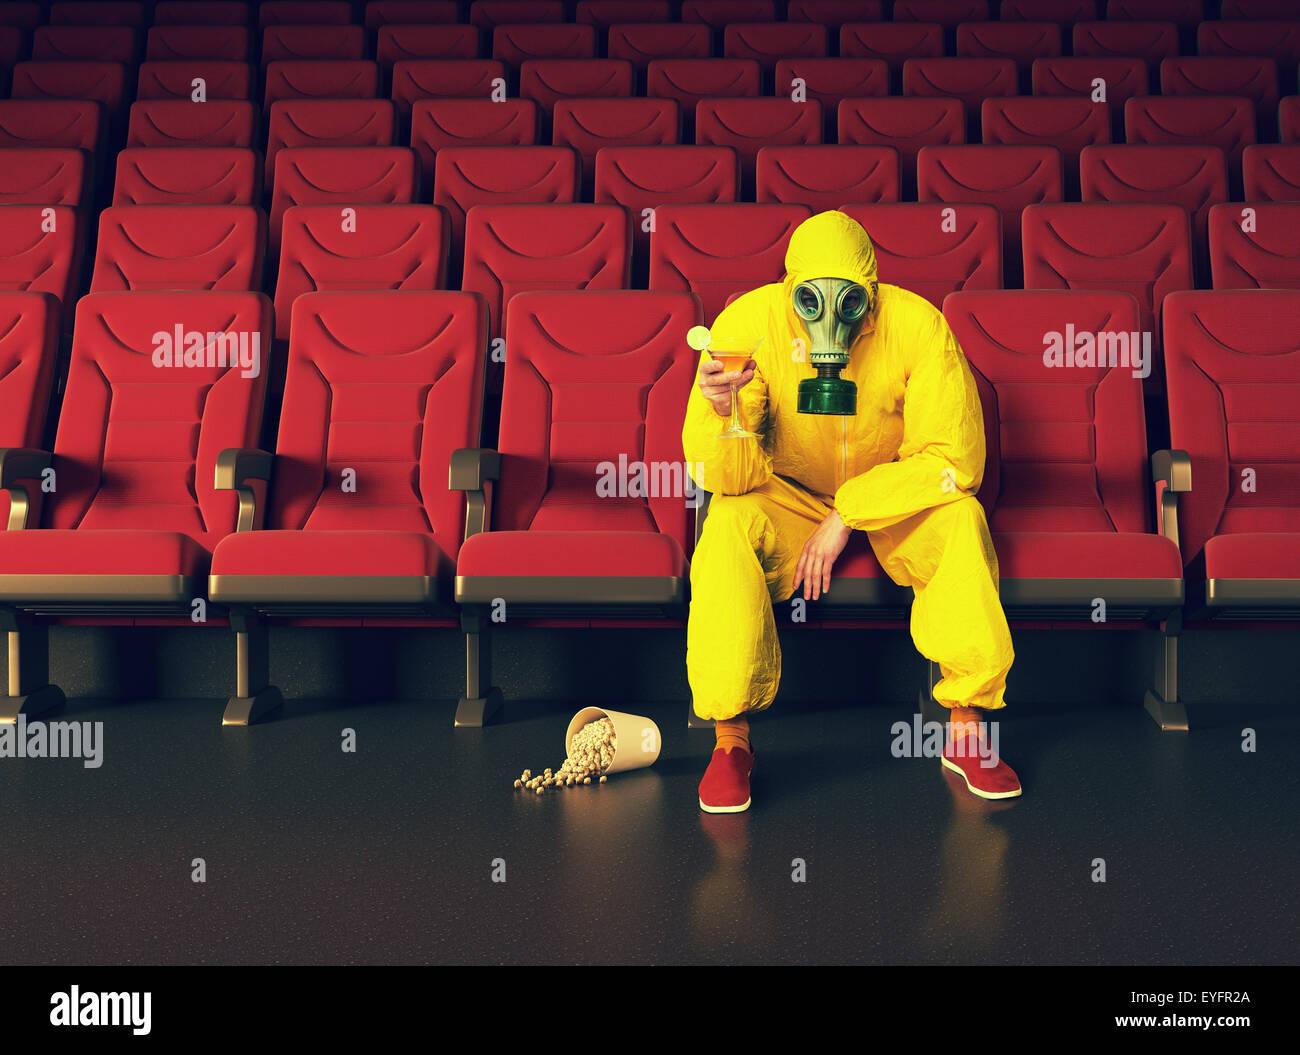 La combinaison de protection dans un homme assis dans un théâtre vide Photo Stock